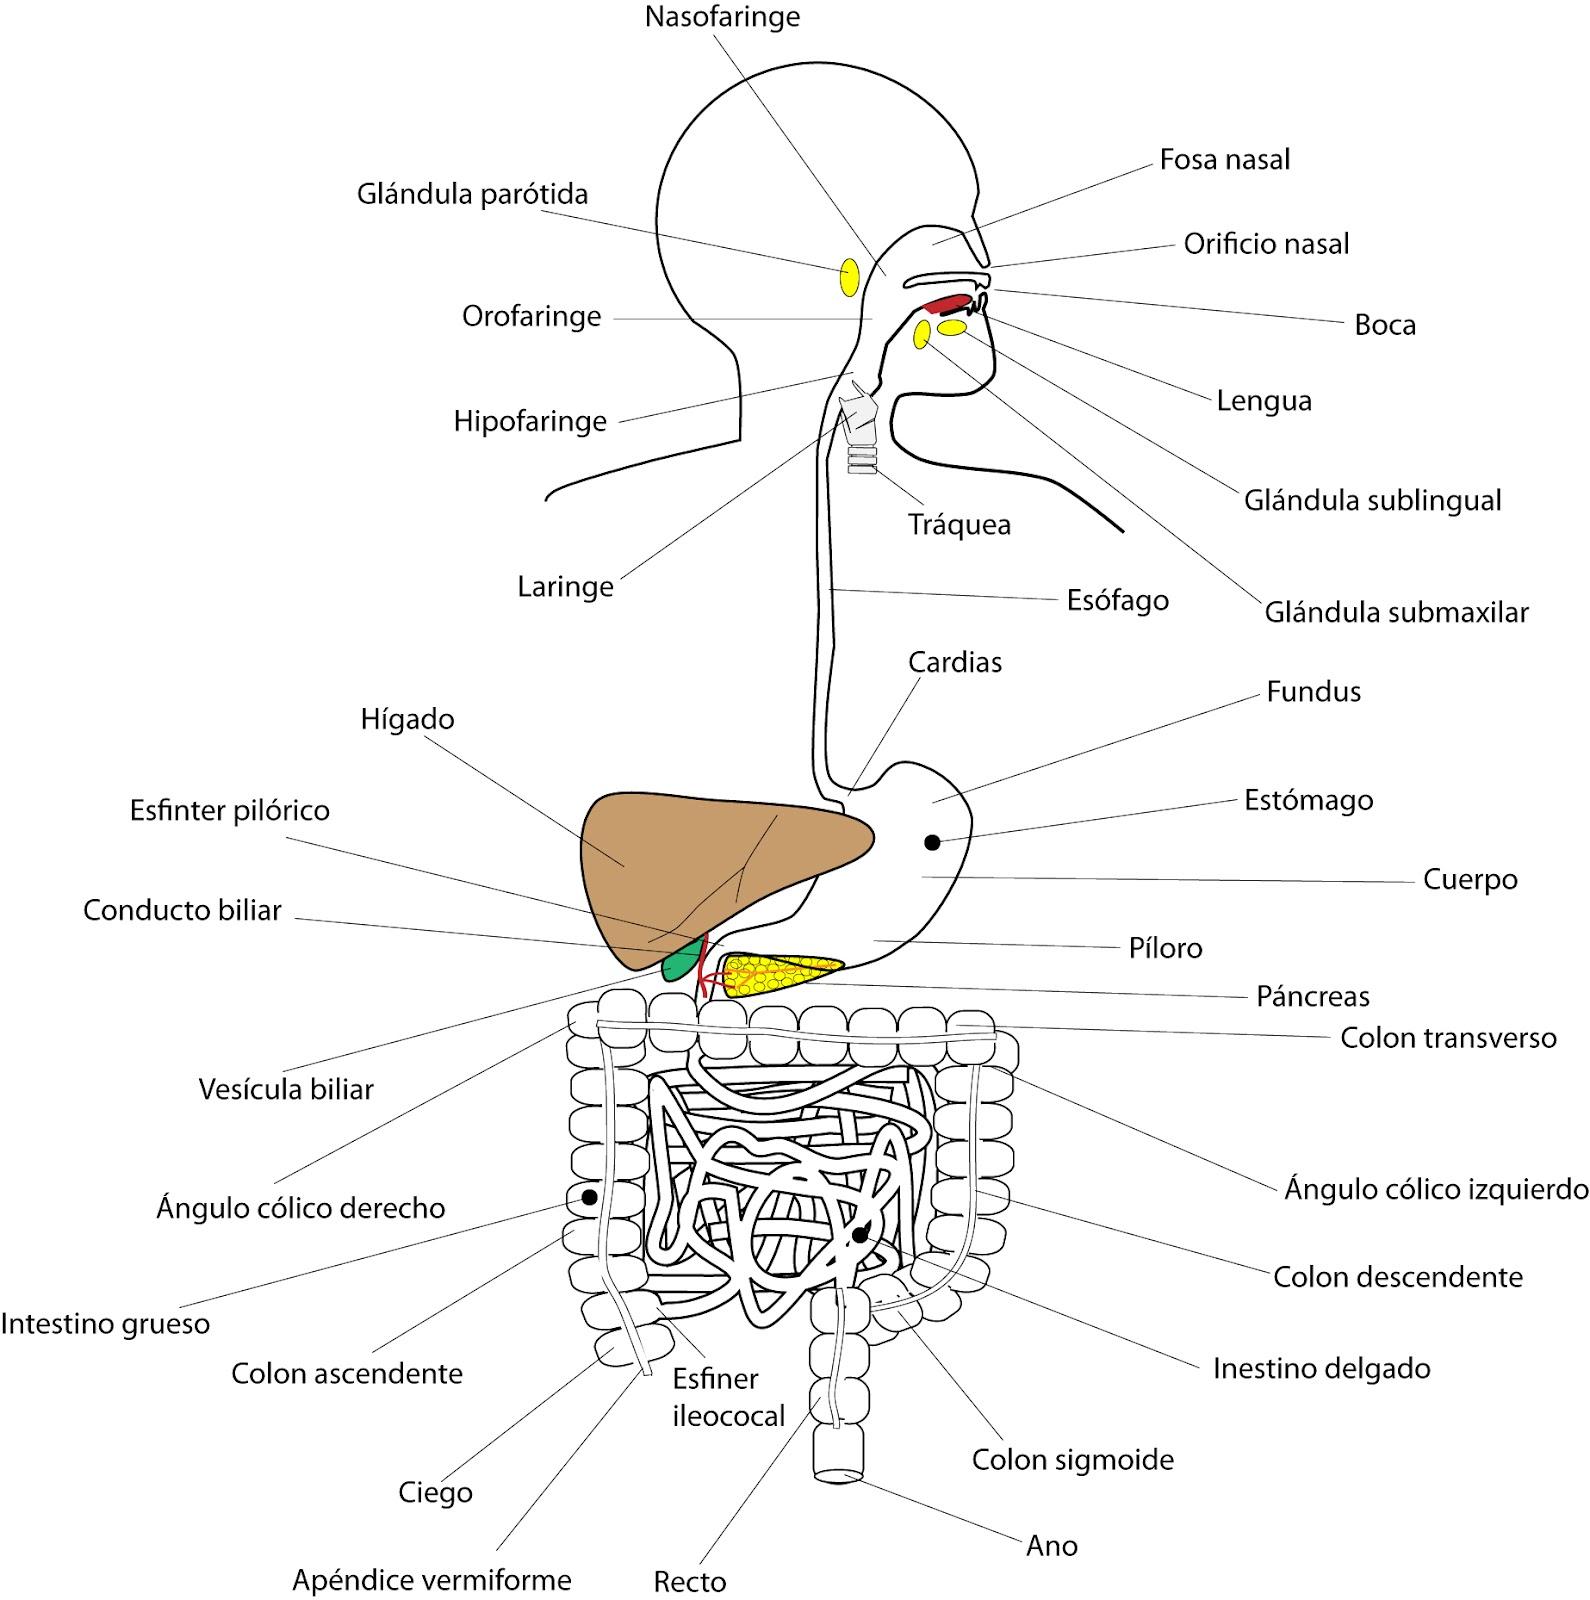 el moderno prometeo: Anatomía básica del aparato digestivo